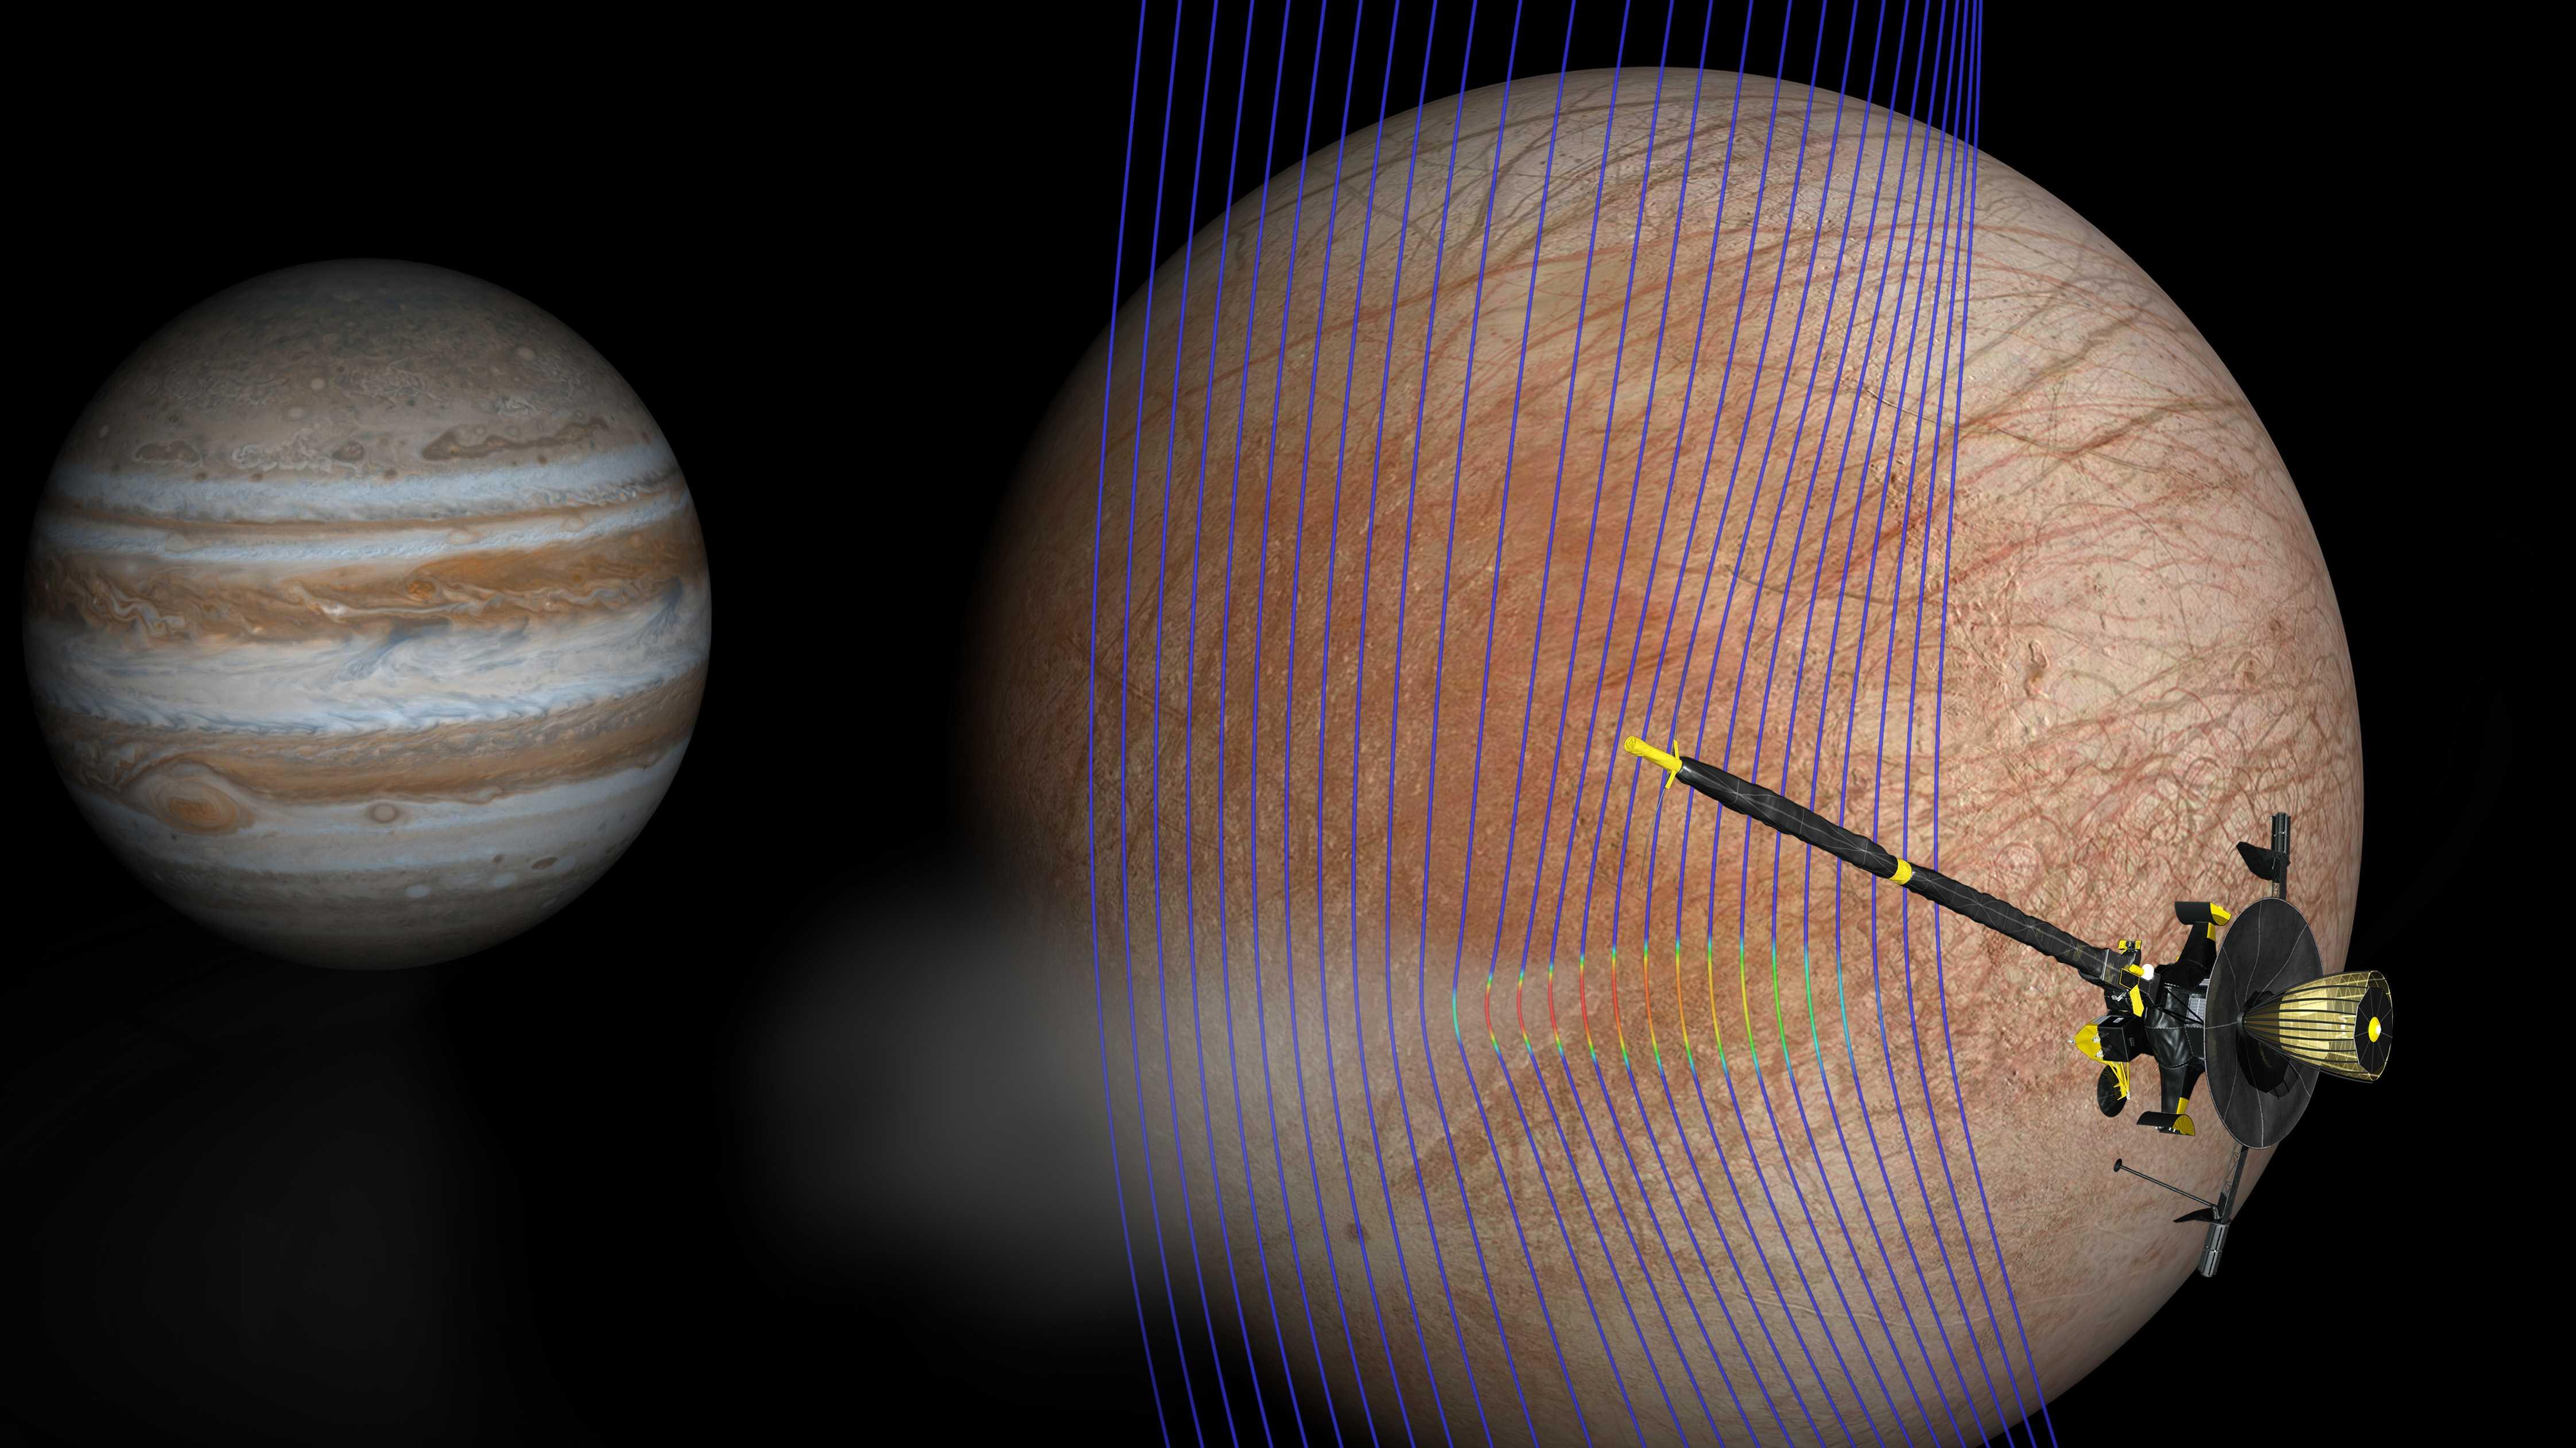 Jupitermond Europa: Neue Hinweise auf Wasserfontänen dank NASA-Sonde Galileo